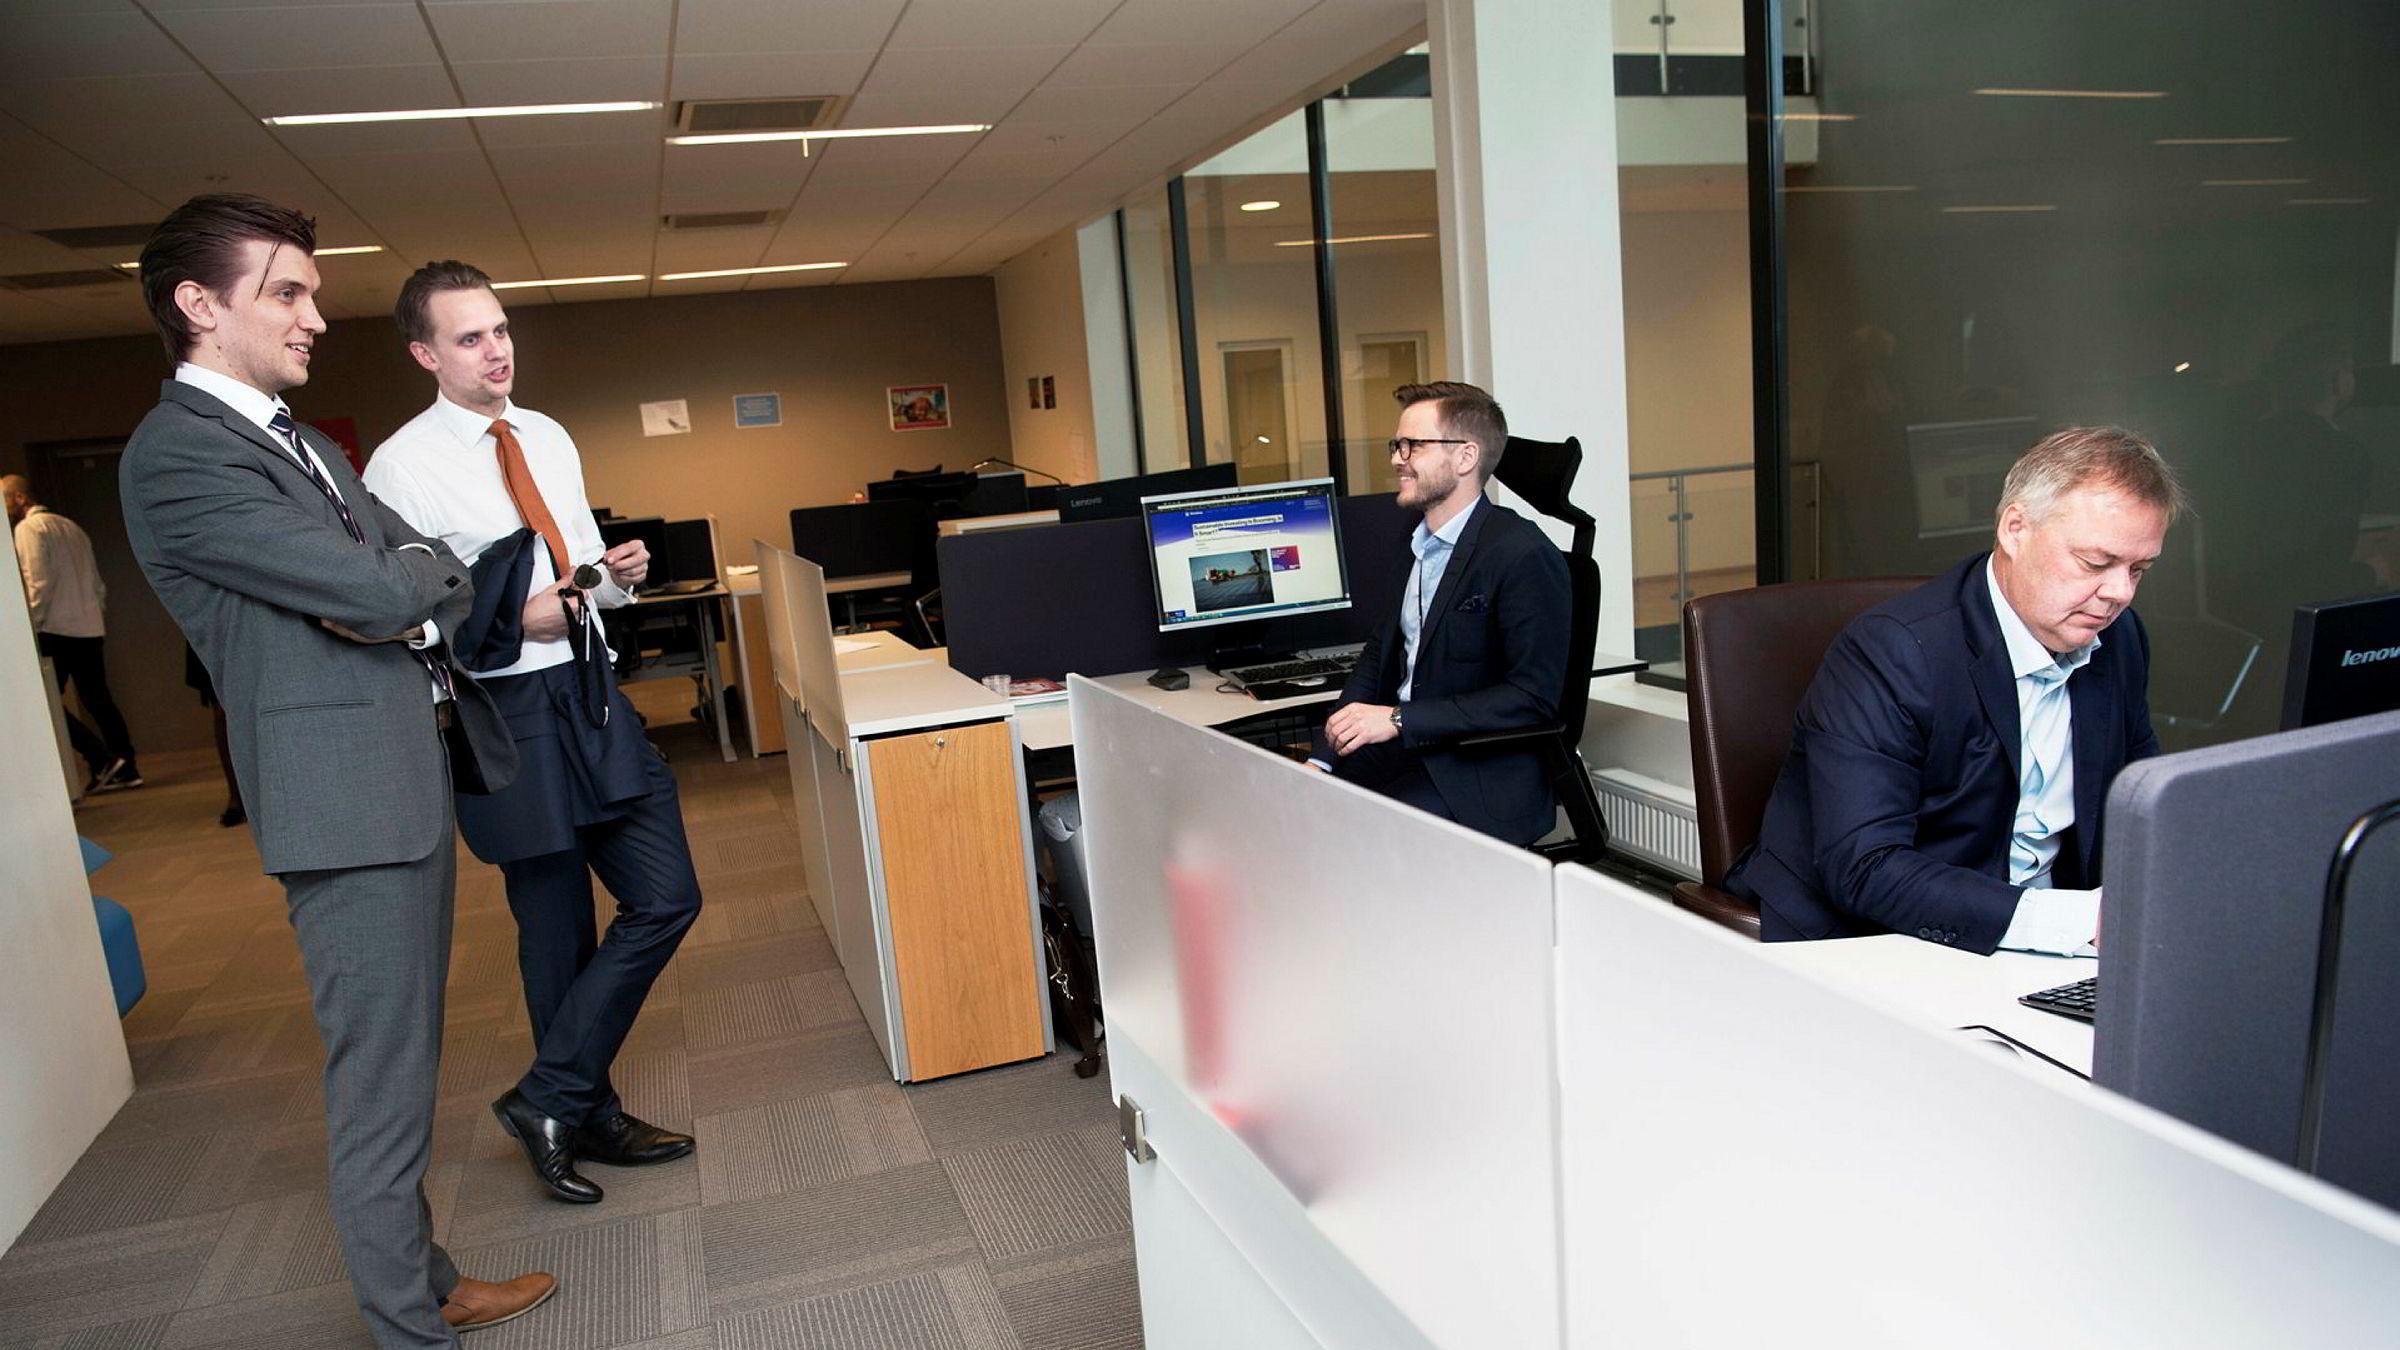 Storebrand-sjef Odd Arild Grefstad (fra høyre) stusser på funnene i «Status Norge». – Det er utrolig viktig at toppledere er nysgjerrige på det nye, sier han. Her med kollegene Jacob Risgaard Knudsen, Harald Martens Holm og Fredrik Weibull.